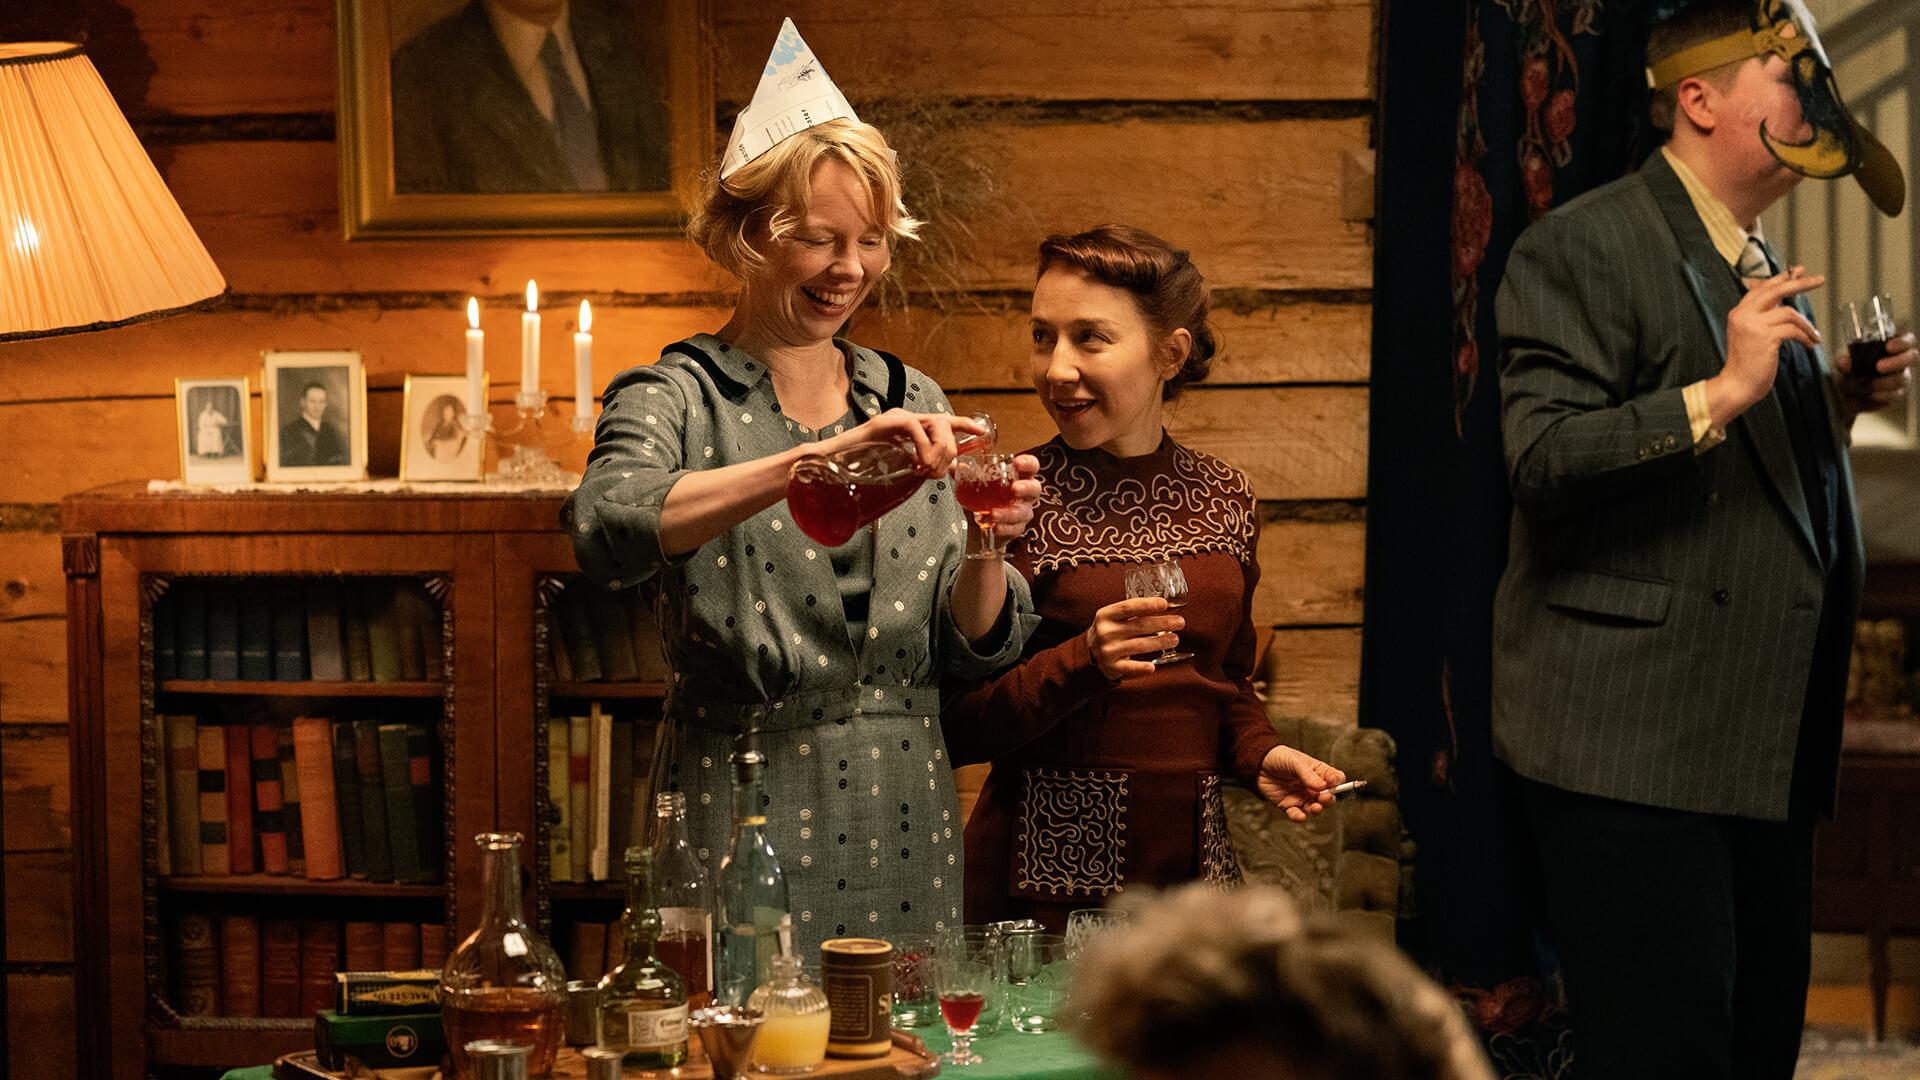 TOVE jatkaa maailmanvalloitustaan – elokuva on myyty Yhdysvaltoihin, Kanadaan ja Isoon-Britanniaan